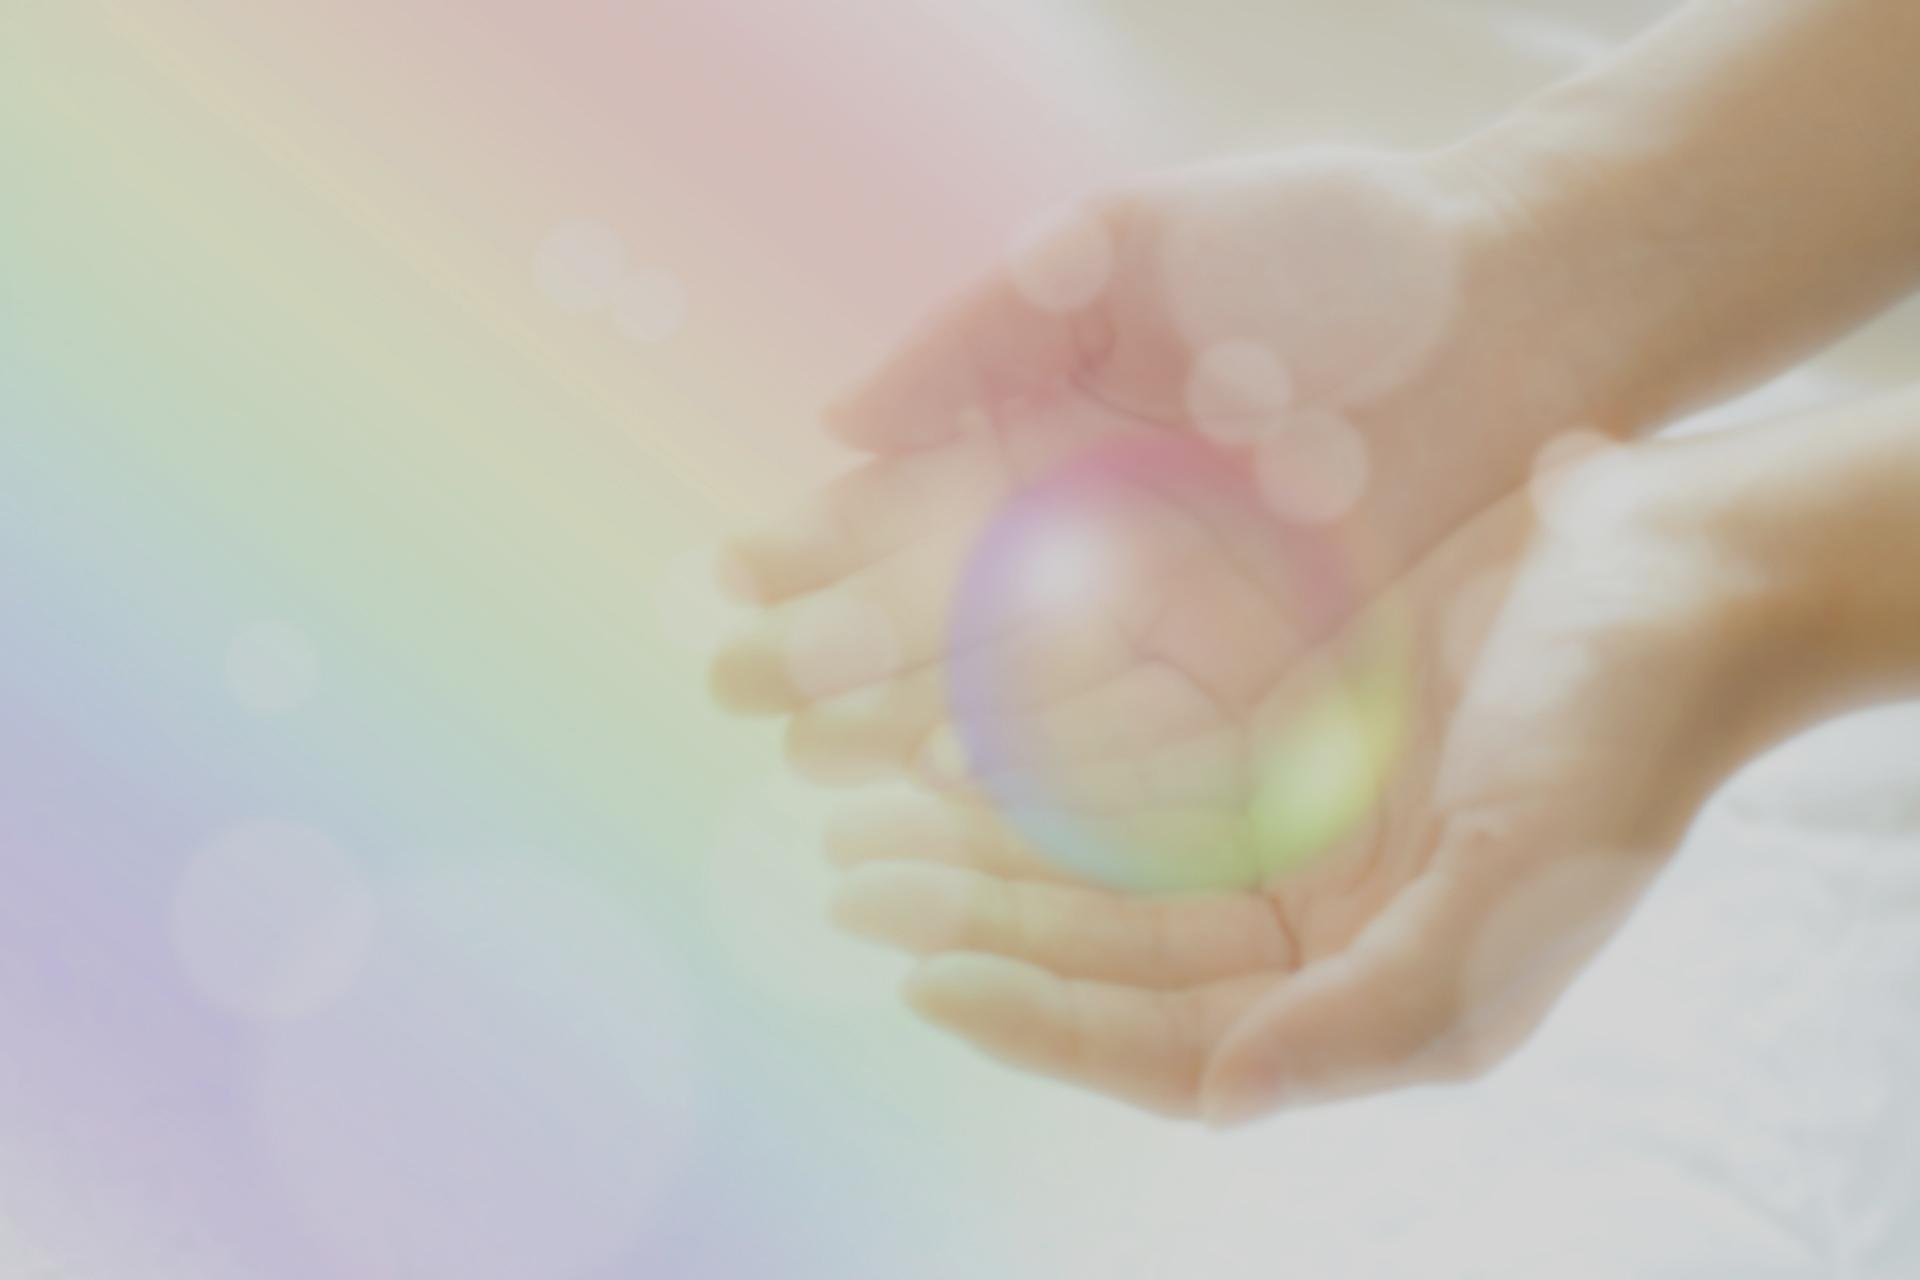 虹色の玉を持つ手